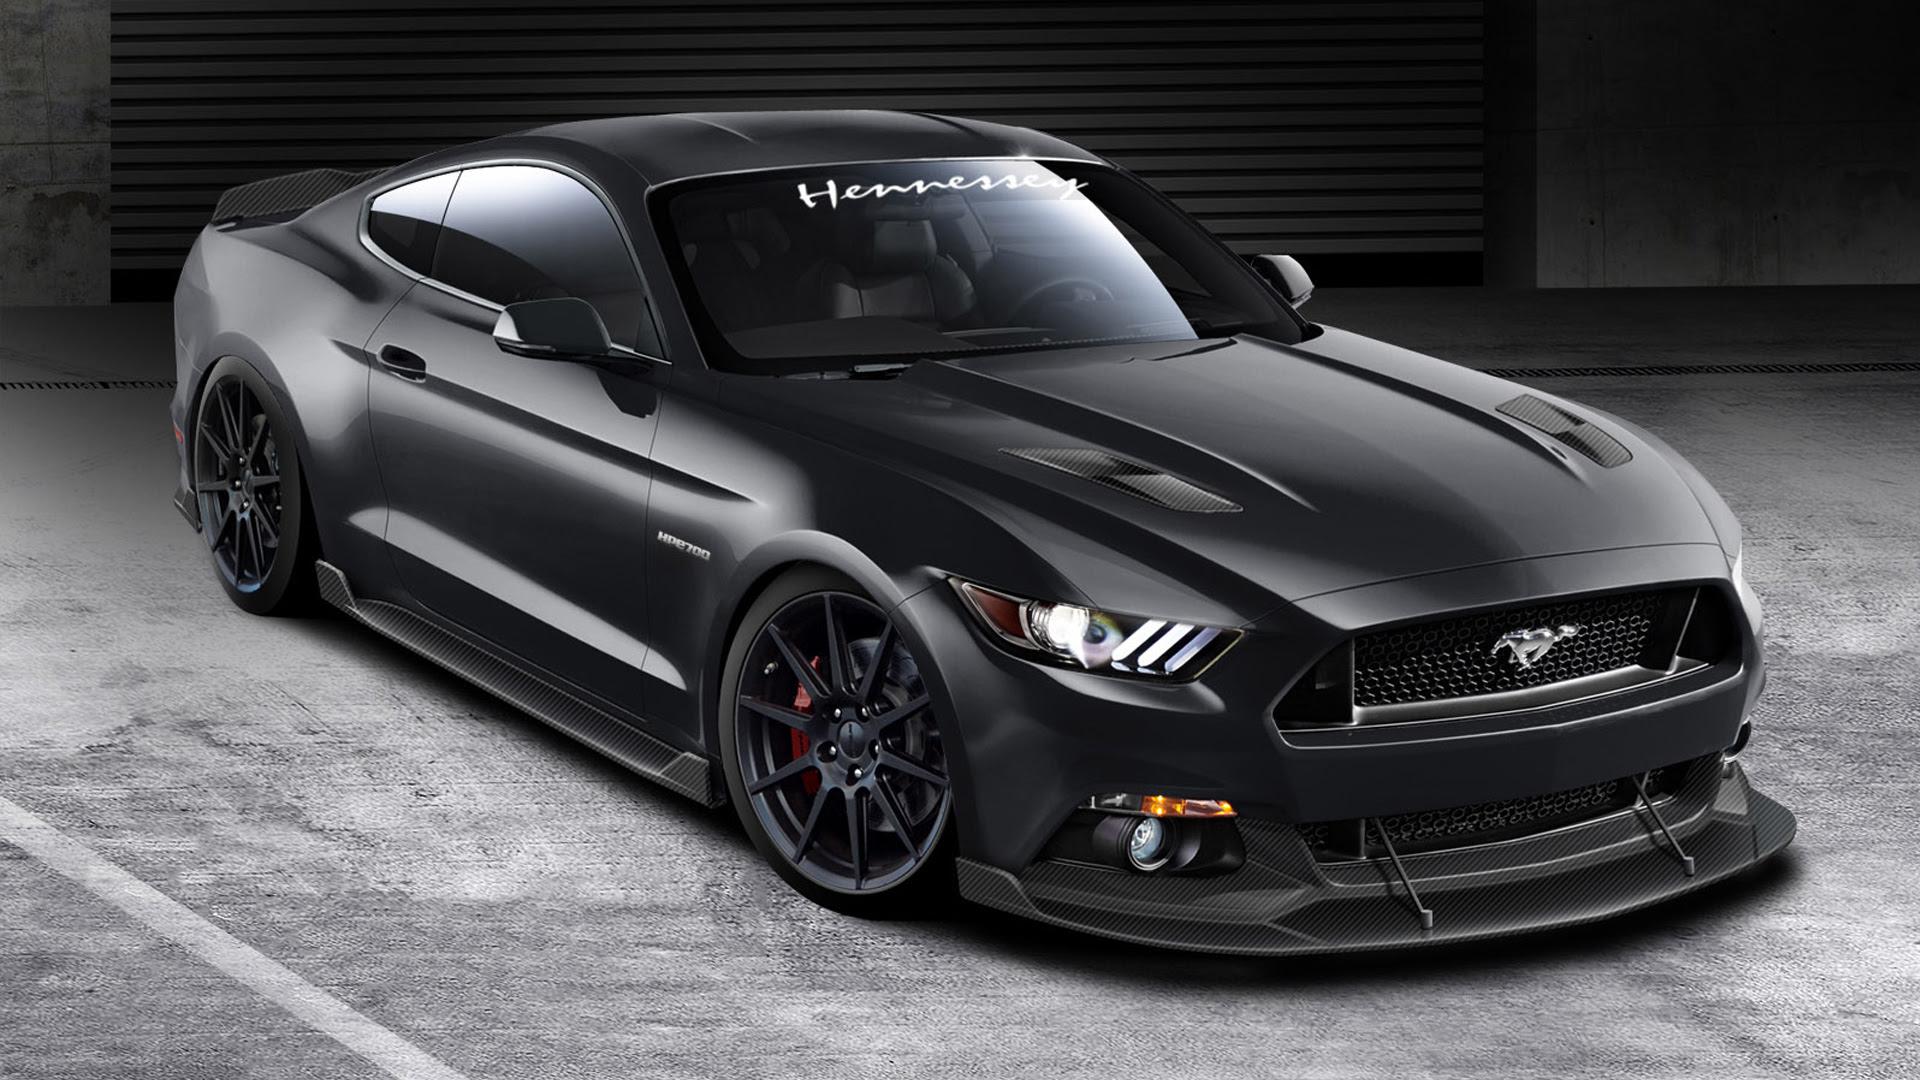 Ford Mustang Wallpapers HD  WallpaperSafari